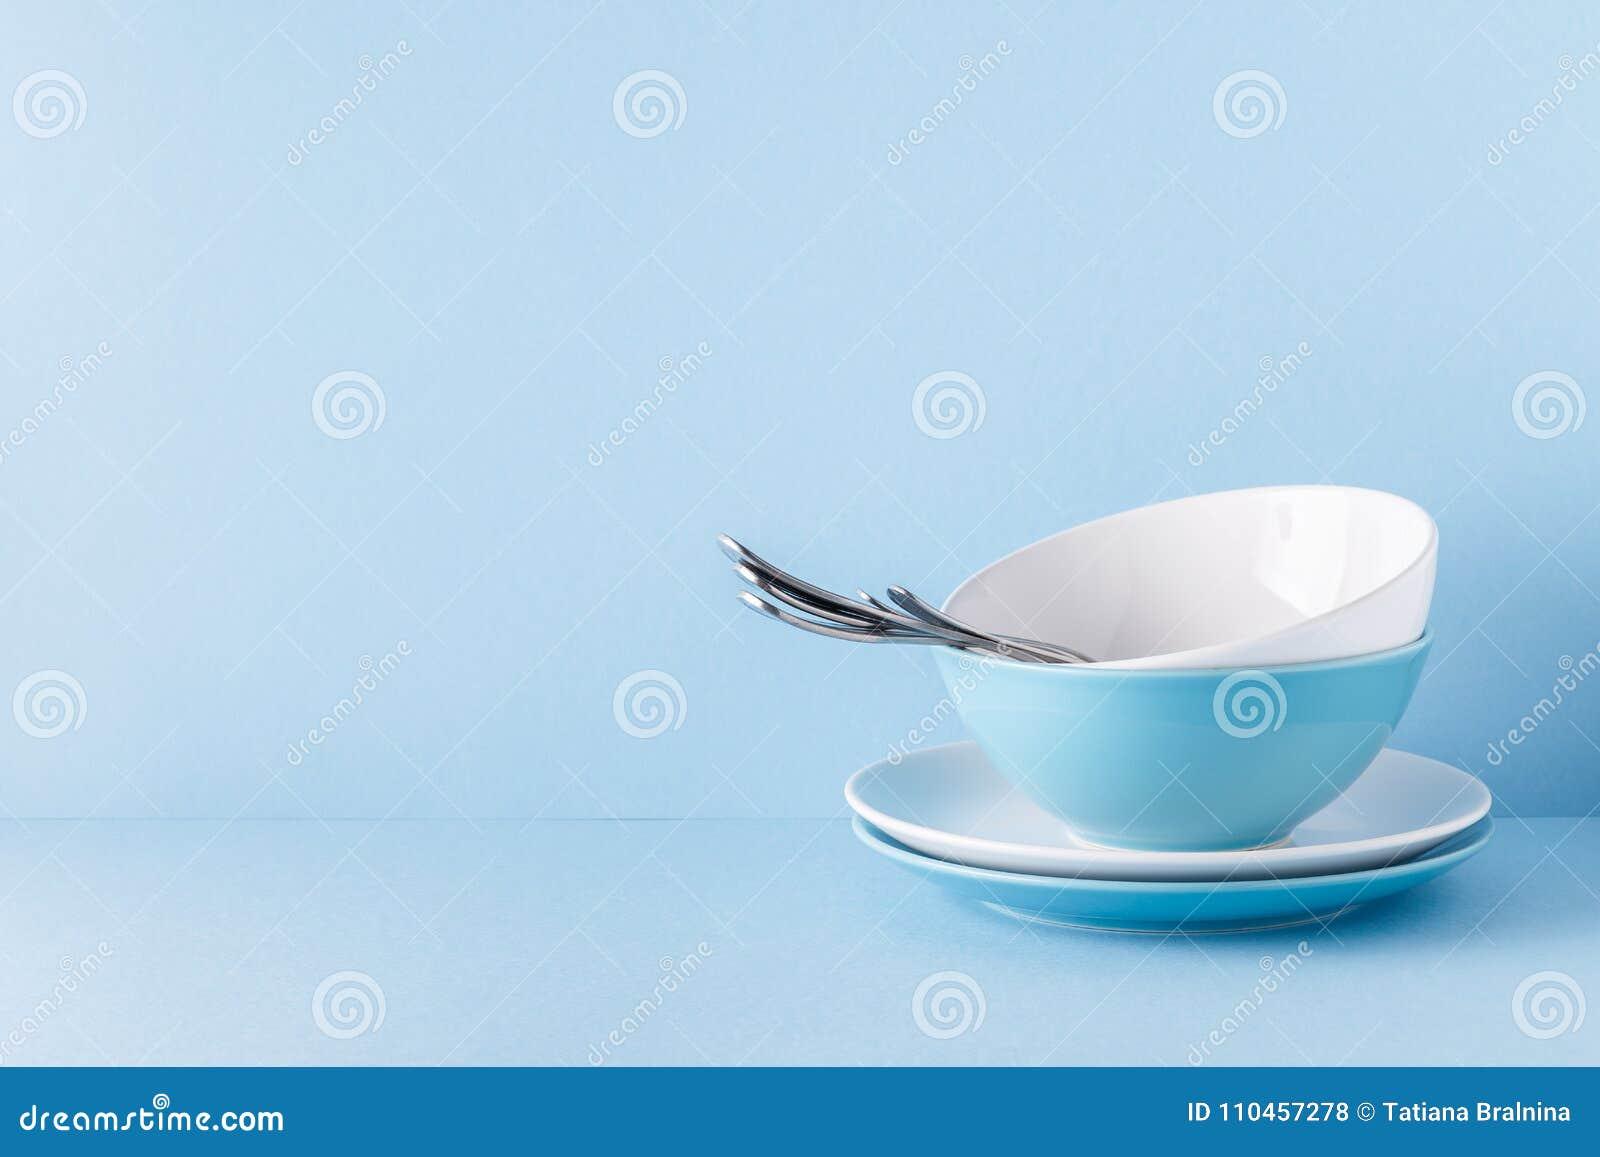 Lerkärl och bestick på en blå pastellfärgad bakgrund